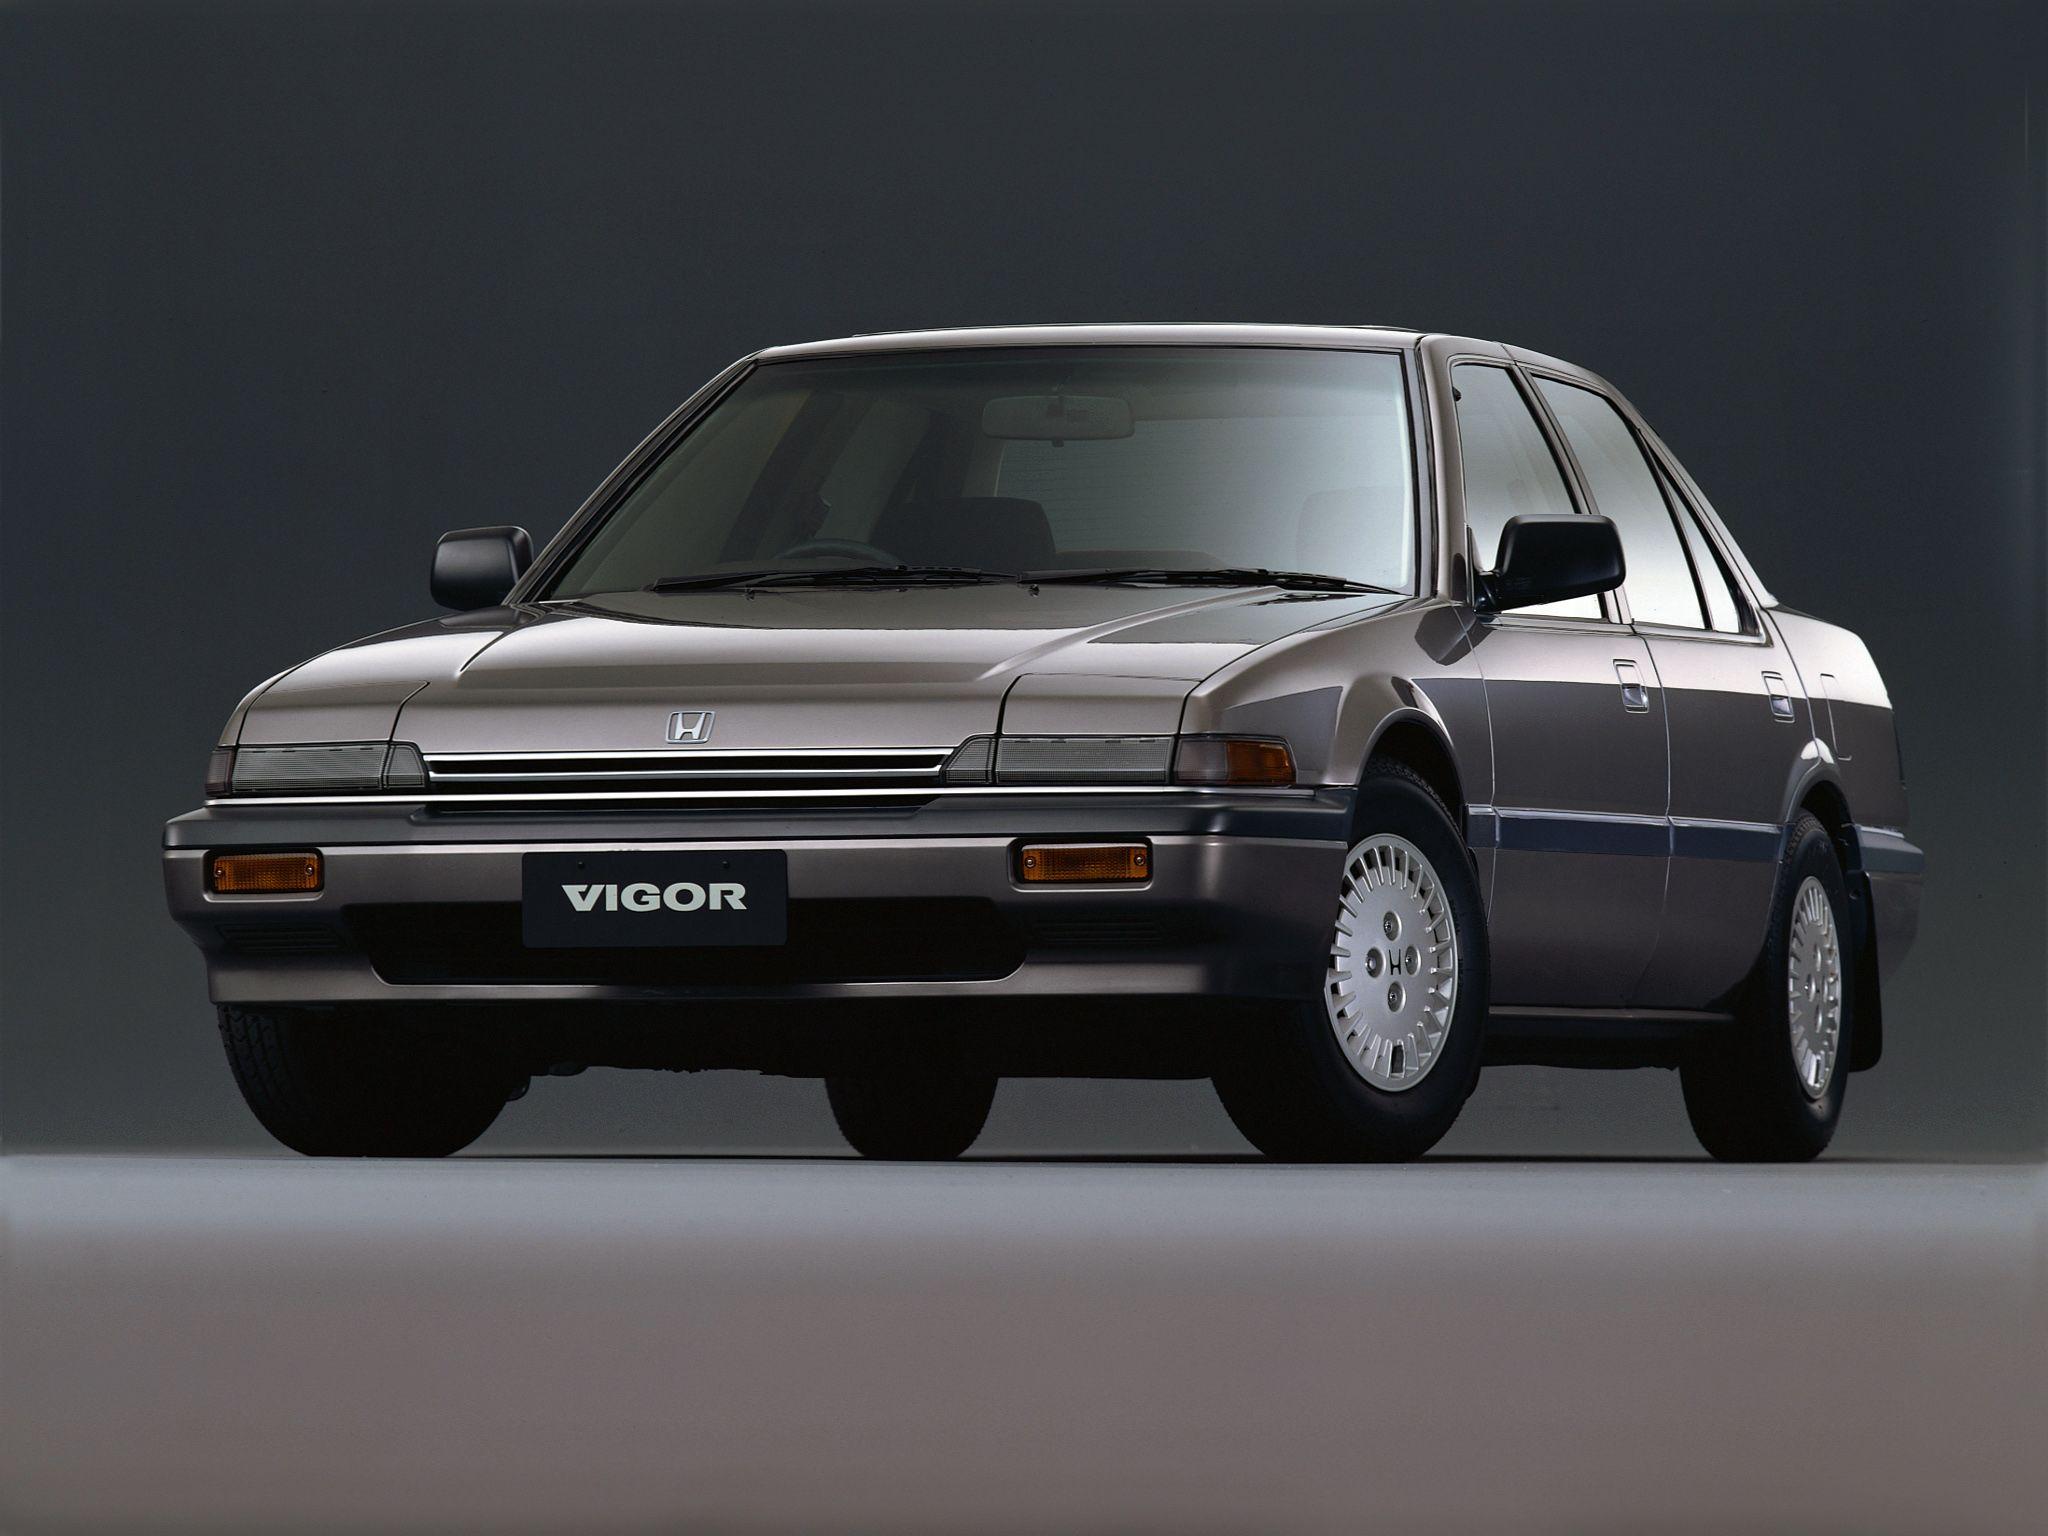 Kelebihan Kekurangan Honda Vigor Spesifikasi